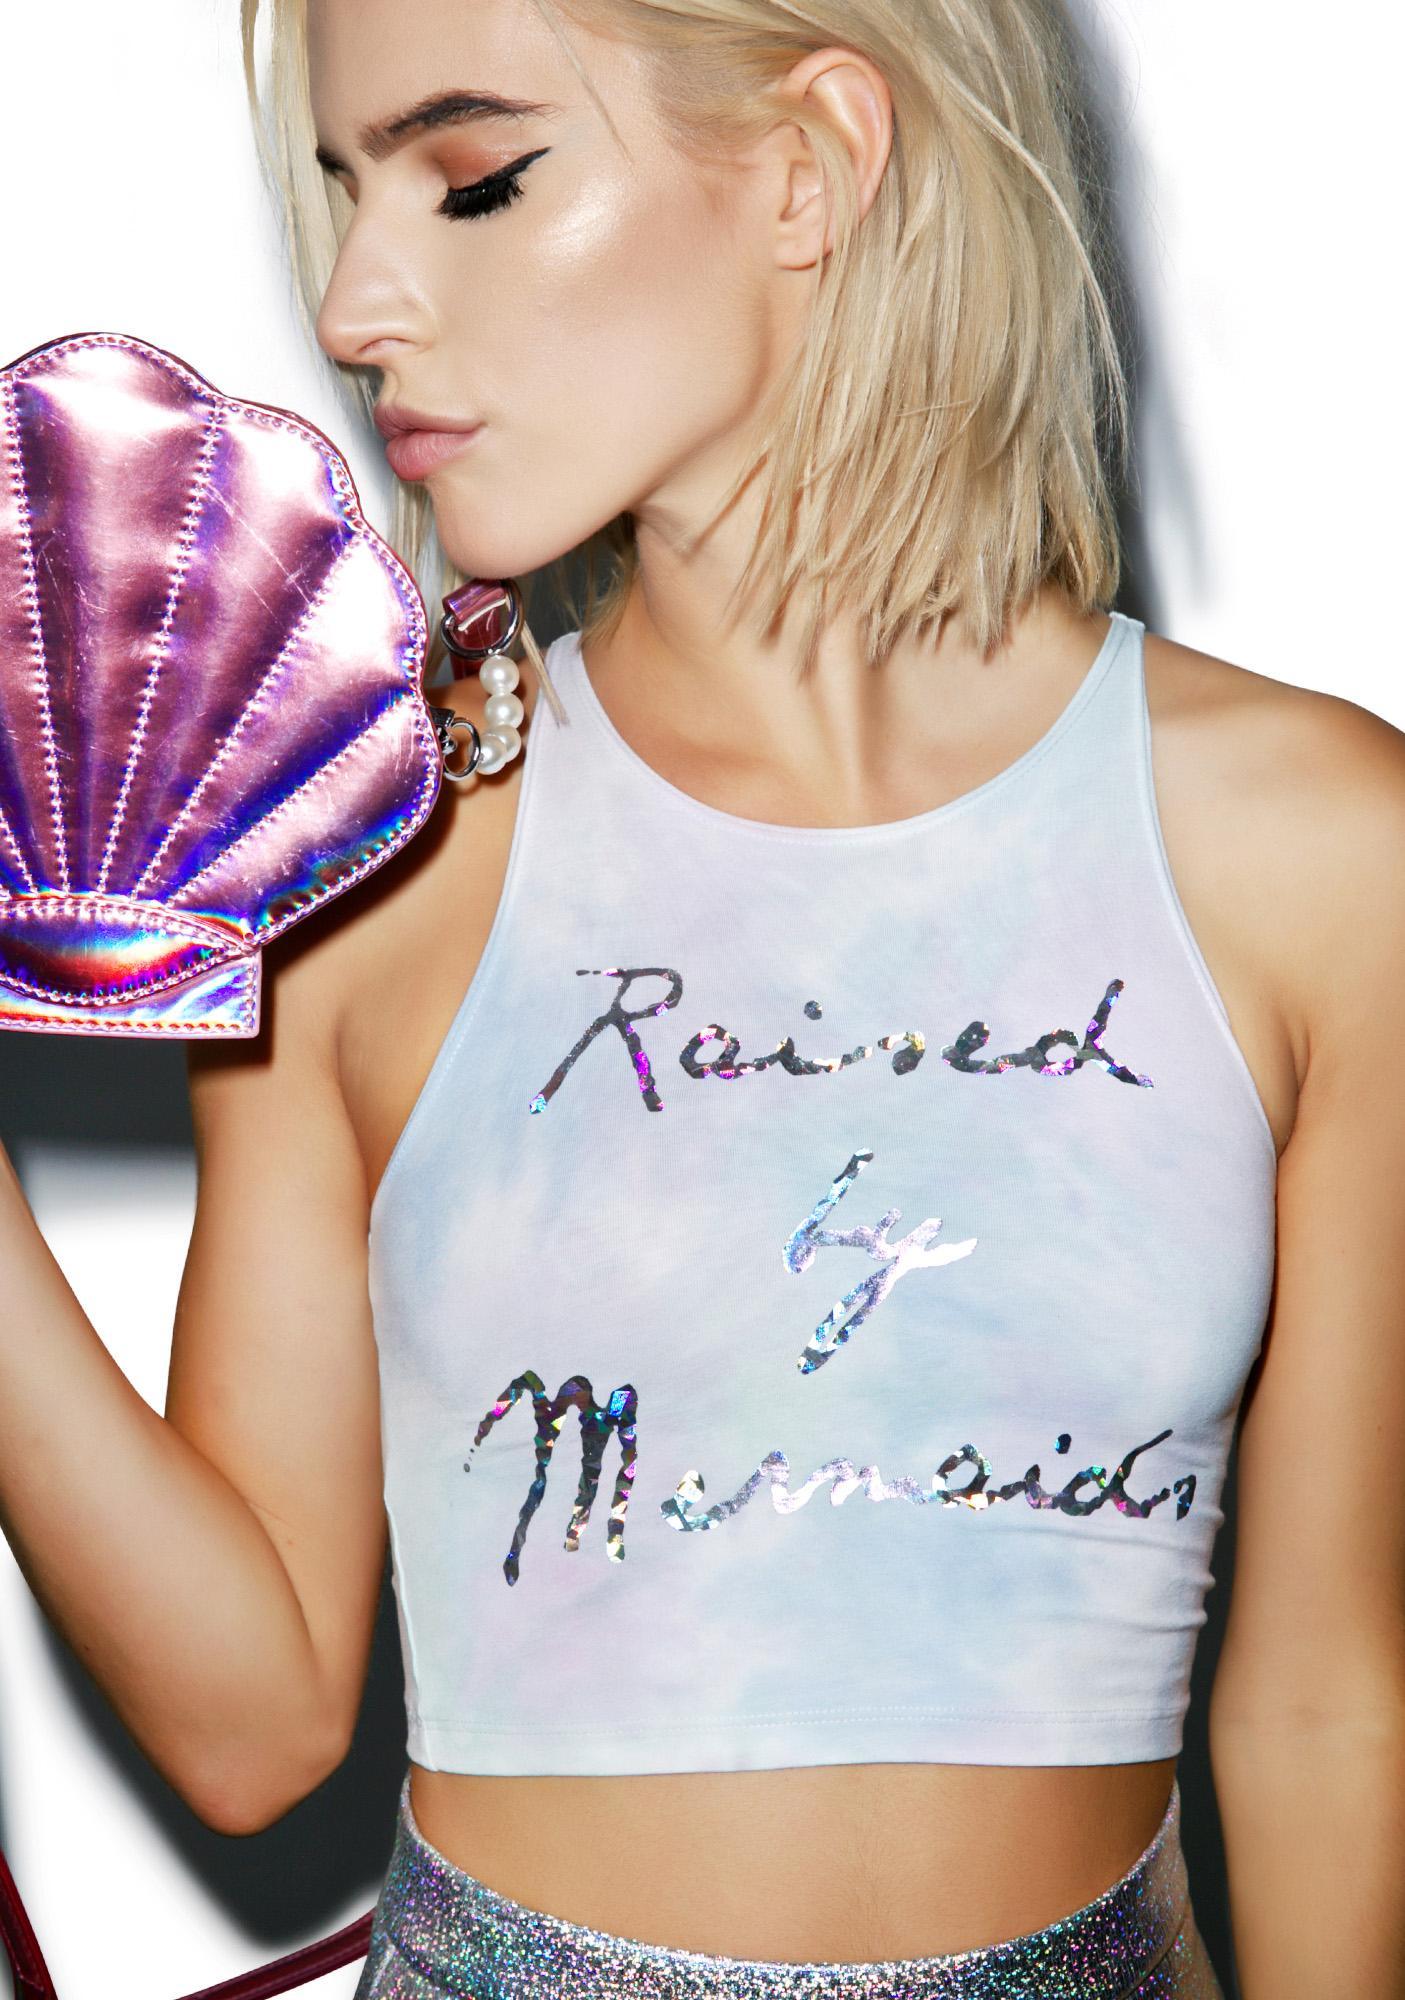 MeYouVersusLife Raised By Mermaids Crop Top